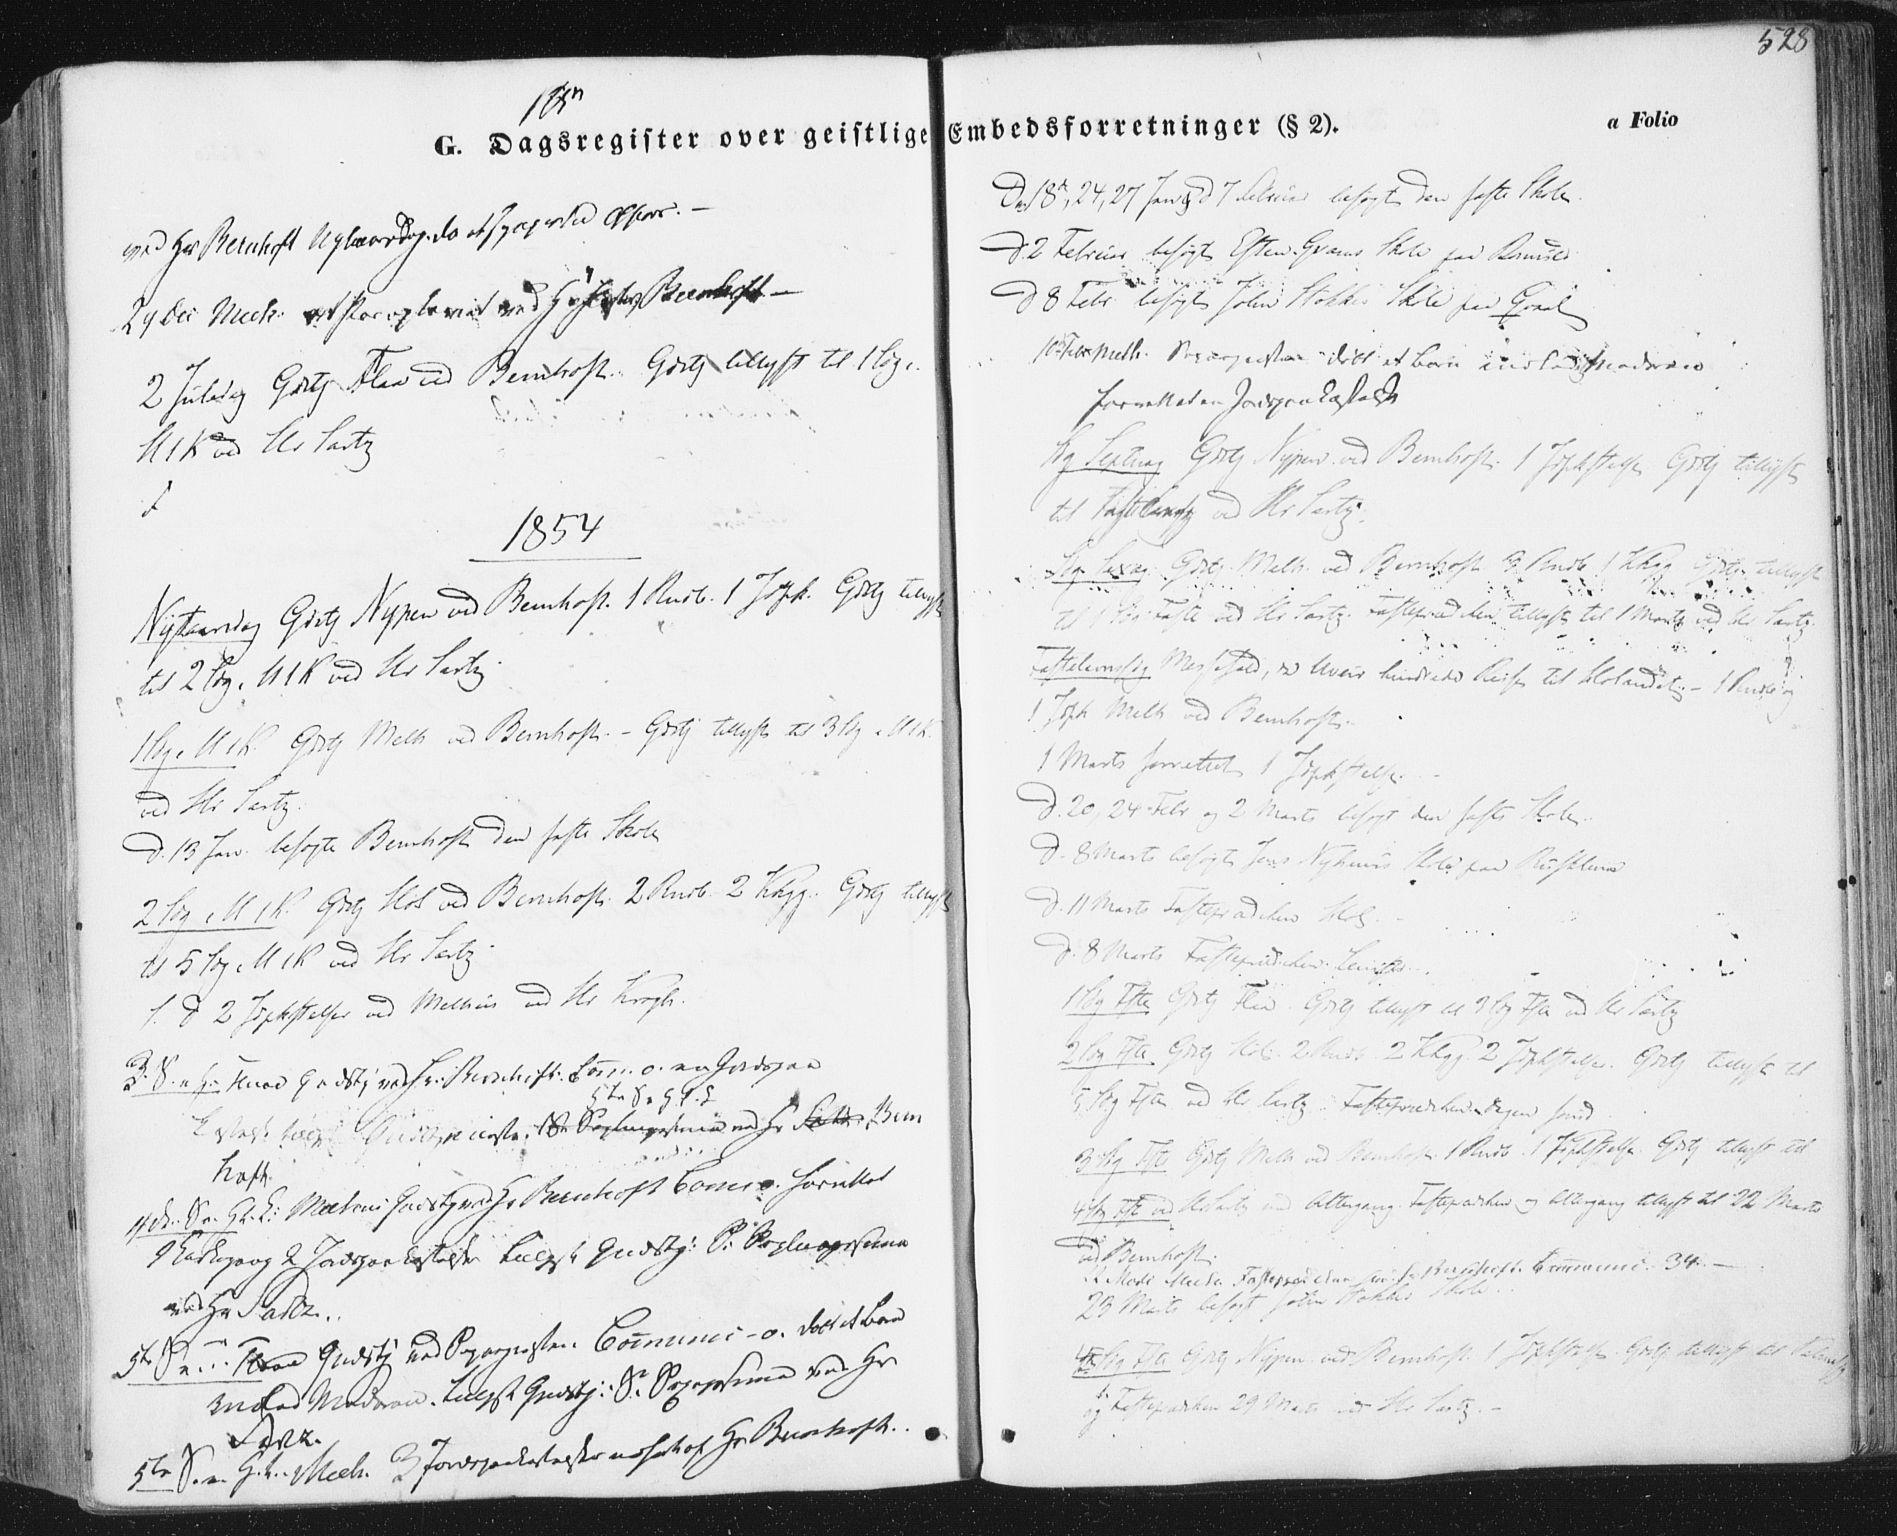 SAT, Ministerialprotokoller, klokkerbøker og fødselsregistre - Sør-Trøndelag, 691/L1076: Ministerialbok nr. 691A08, 1852-1861, s. 528